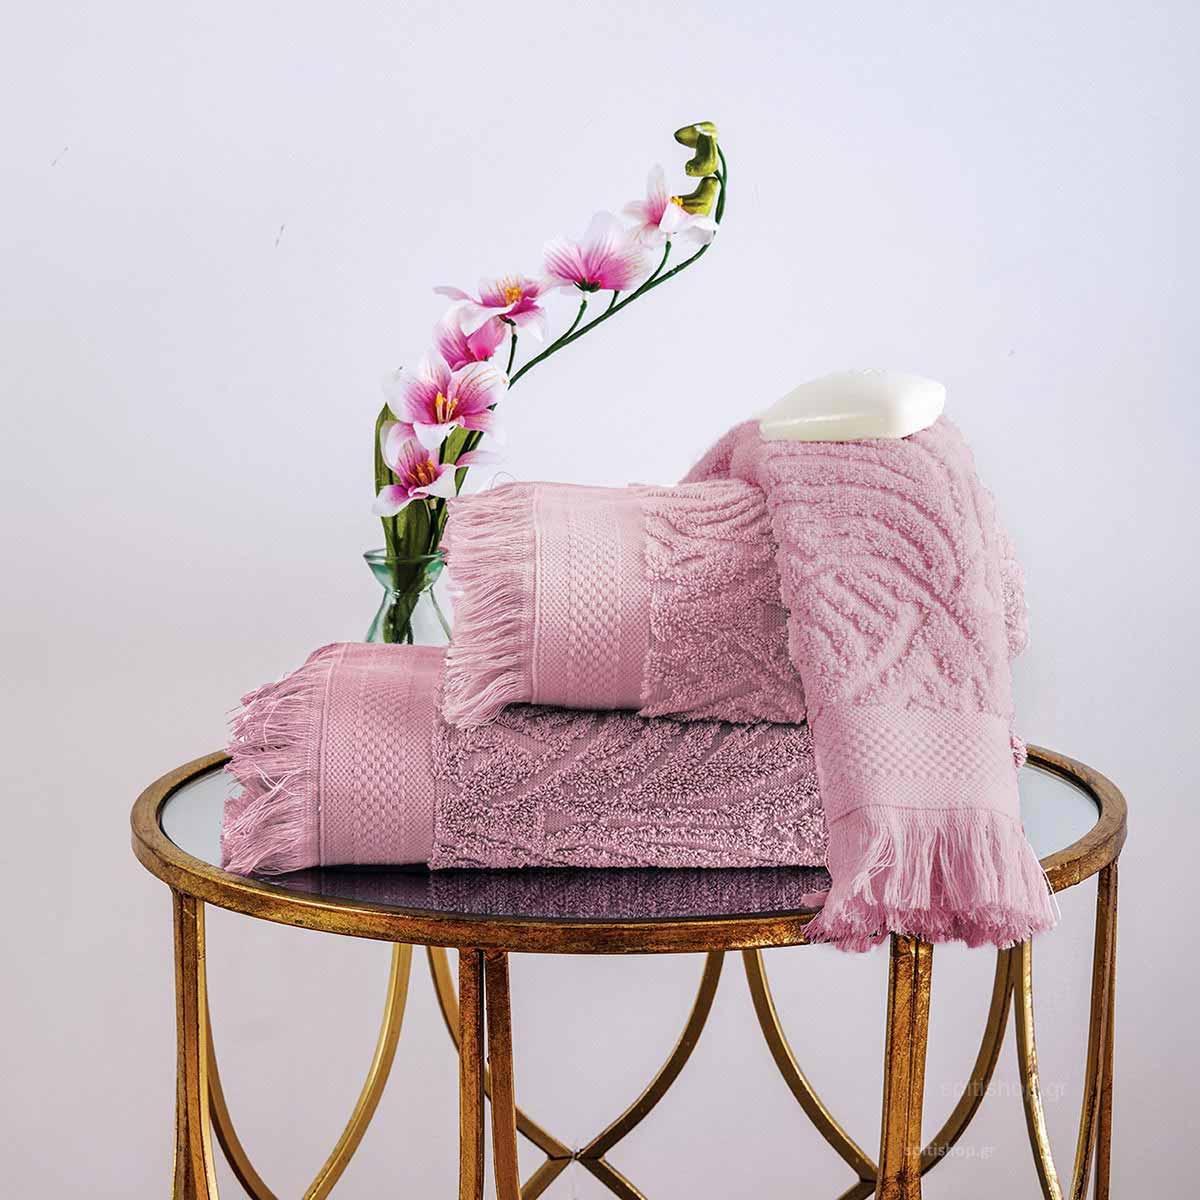 Πετσέτες Μπάνιου (Σετ 3τμχ) Sb Home Celine Dusty Pink